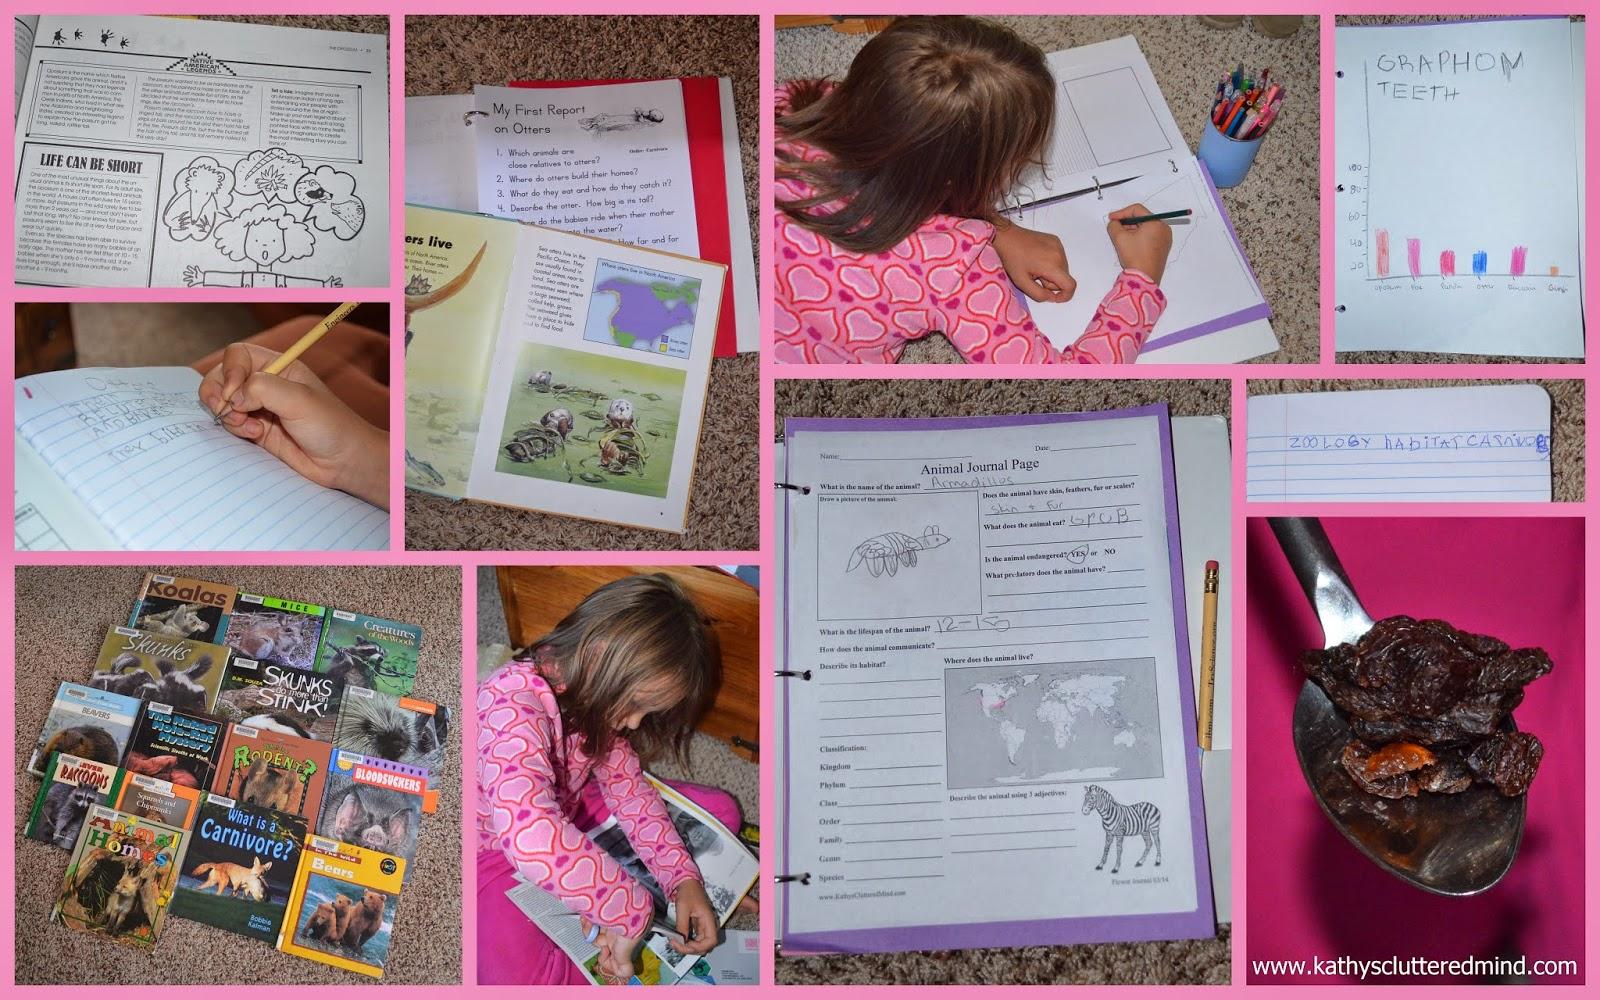 Kathys Cluttered Mind Hewitt Homeschooling